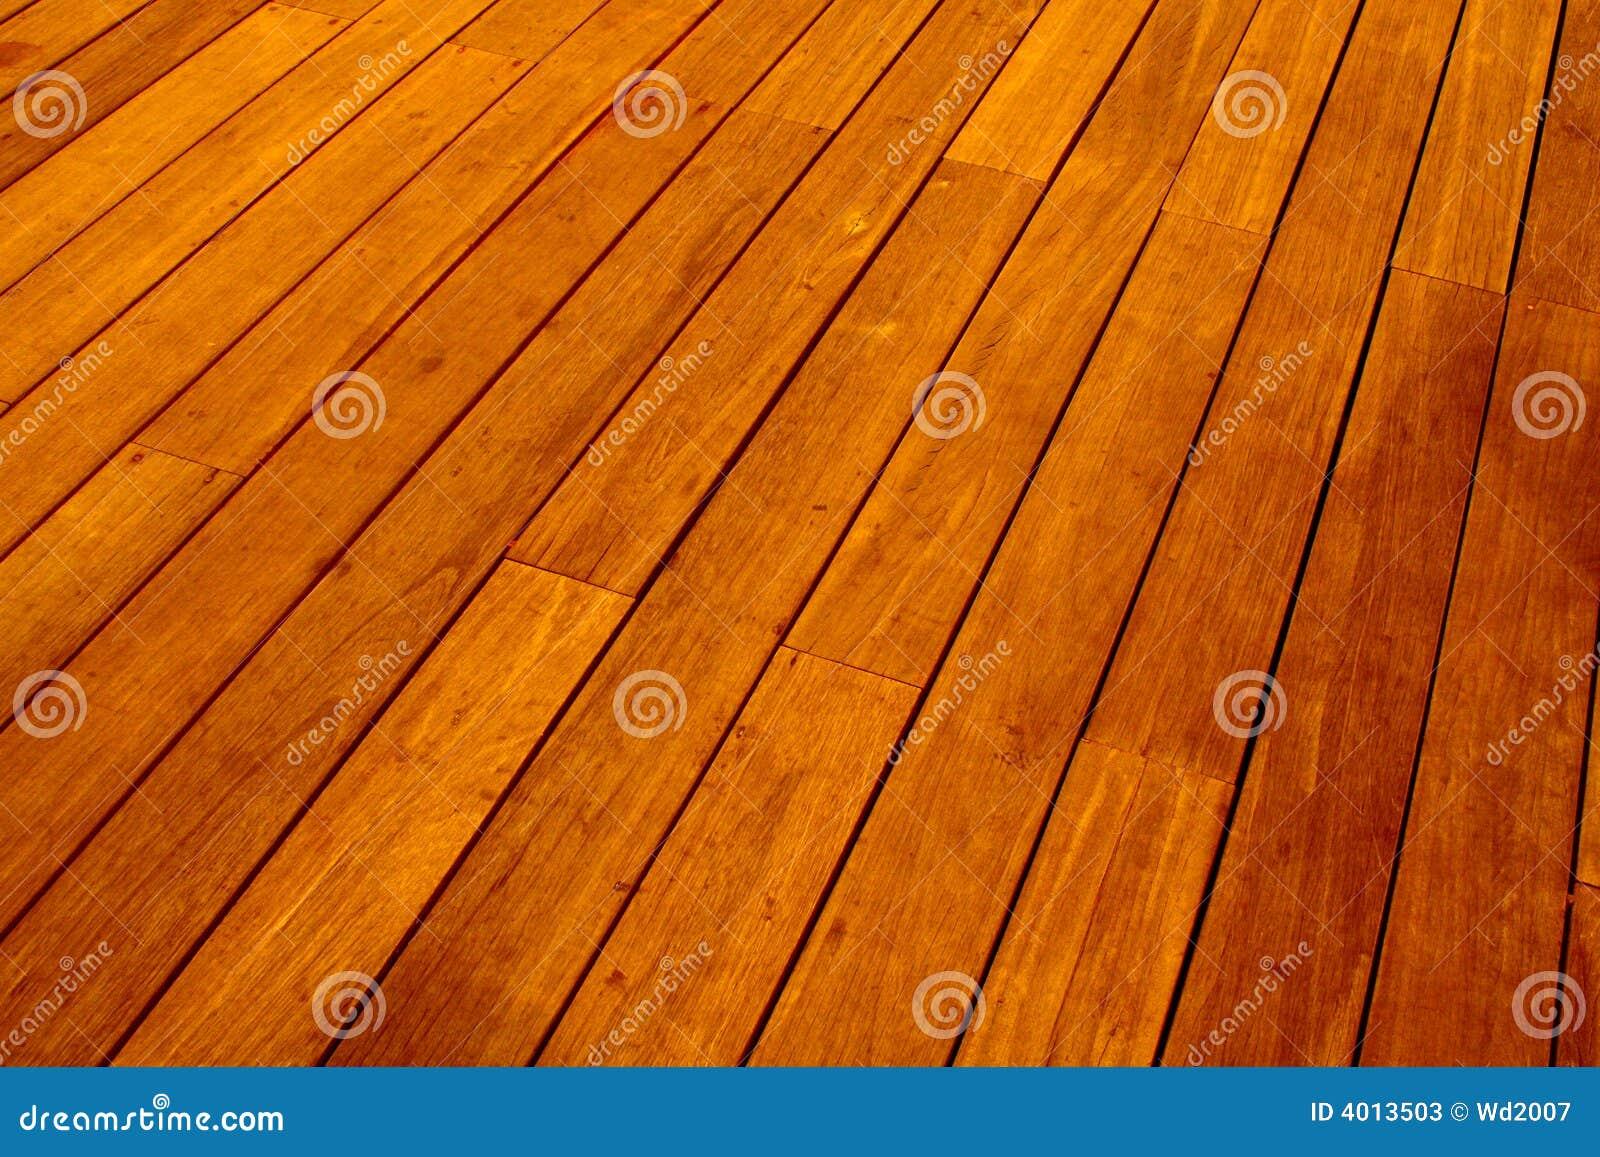 Suelo de madera fotos de archivo imagen 4013503 - Suelo de madera ...